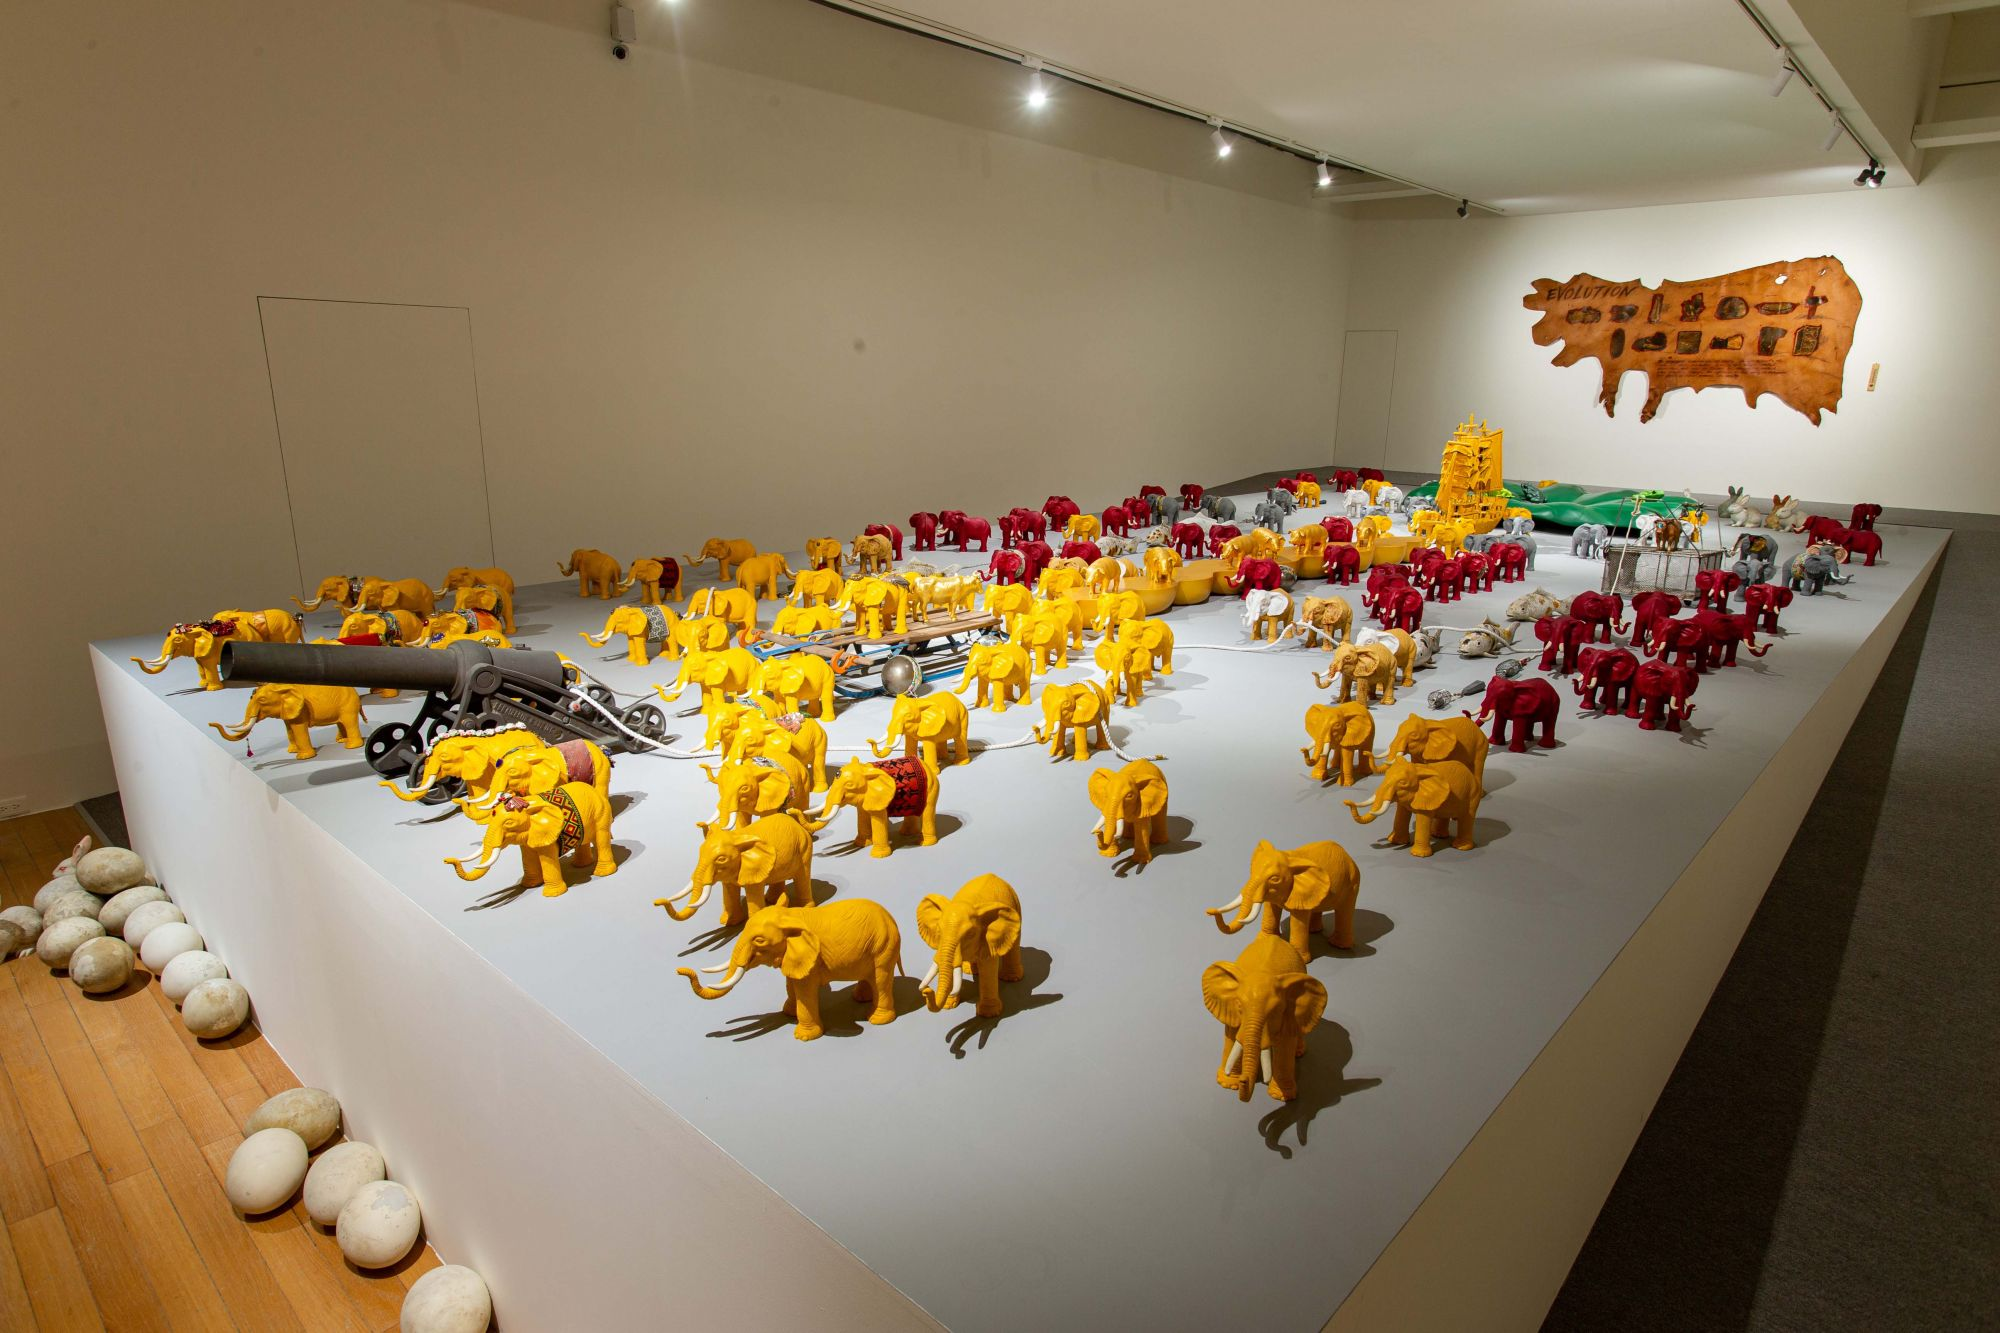 盧明德,《潮間帶》,2005-2021,複合媒材、物群裝置,尺寸視空間而定。(圖/台北市立美術館提供。)